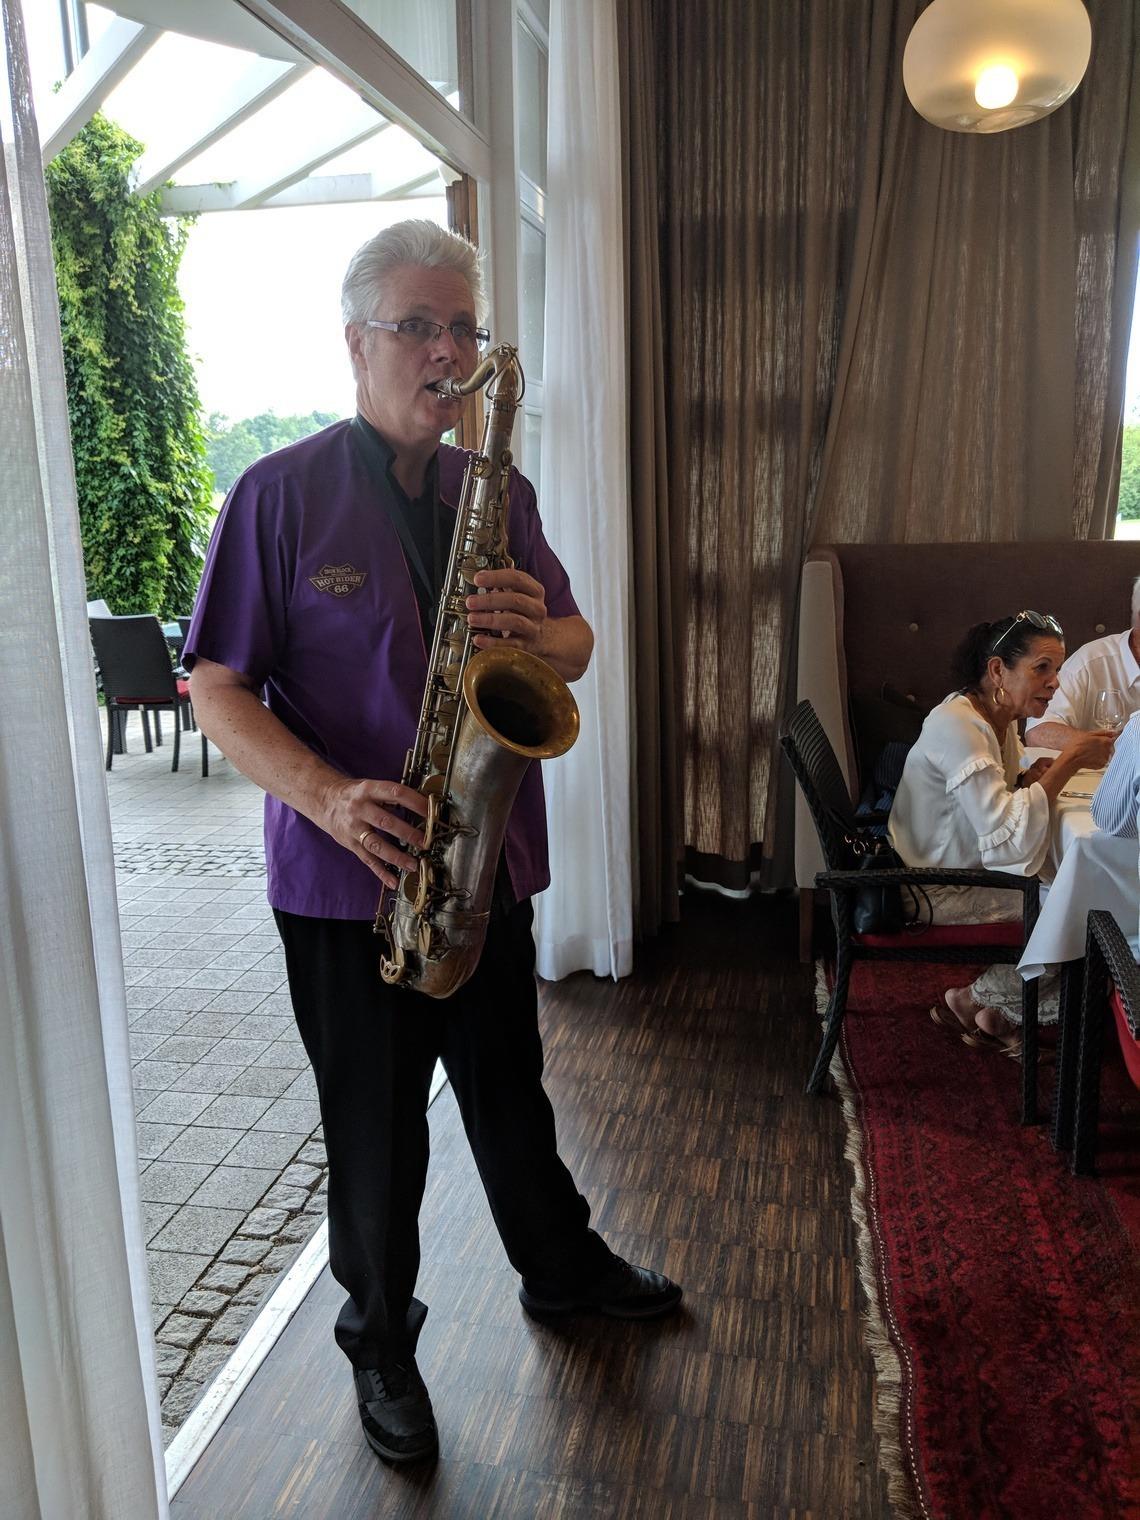 Saxophonist Chris erwies sich später auch als guter Versteigerer.